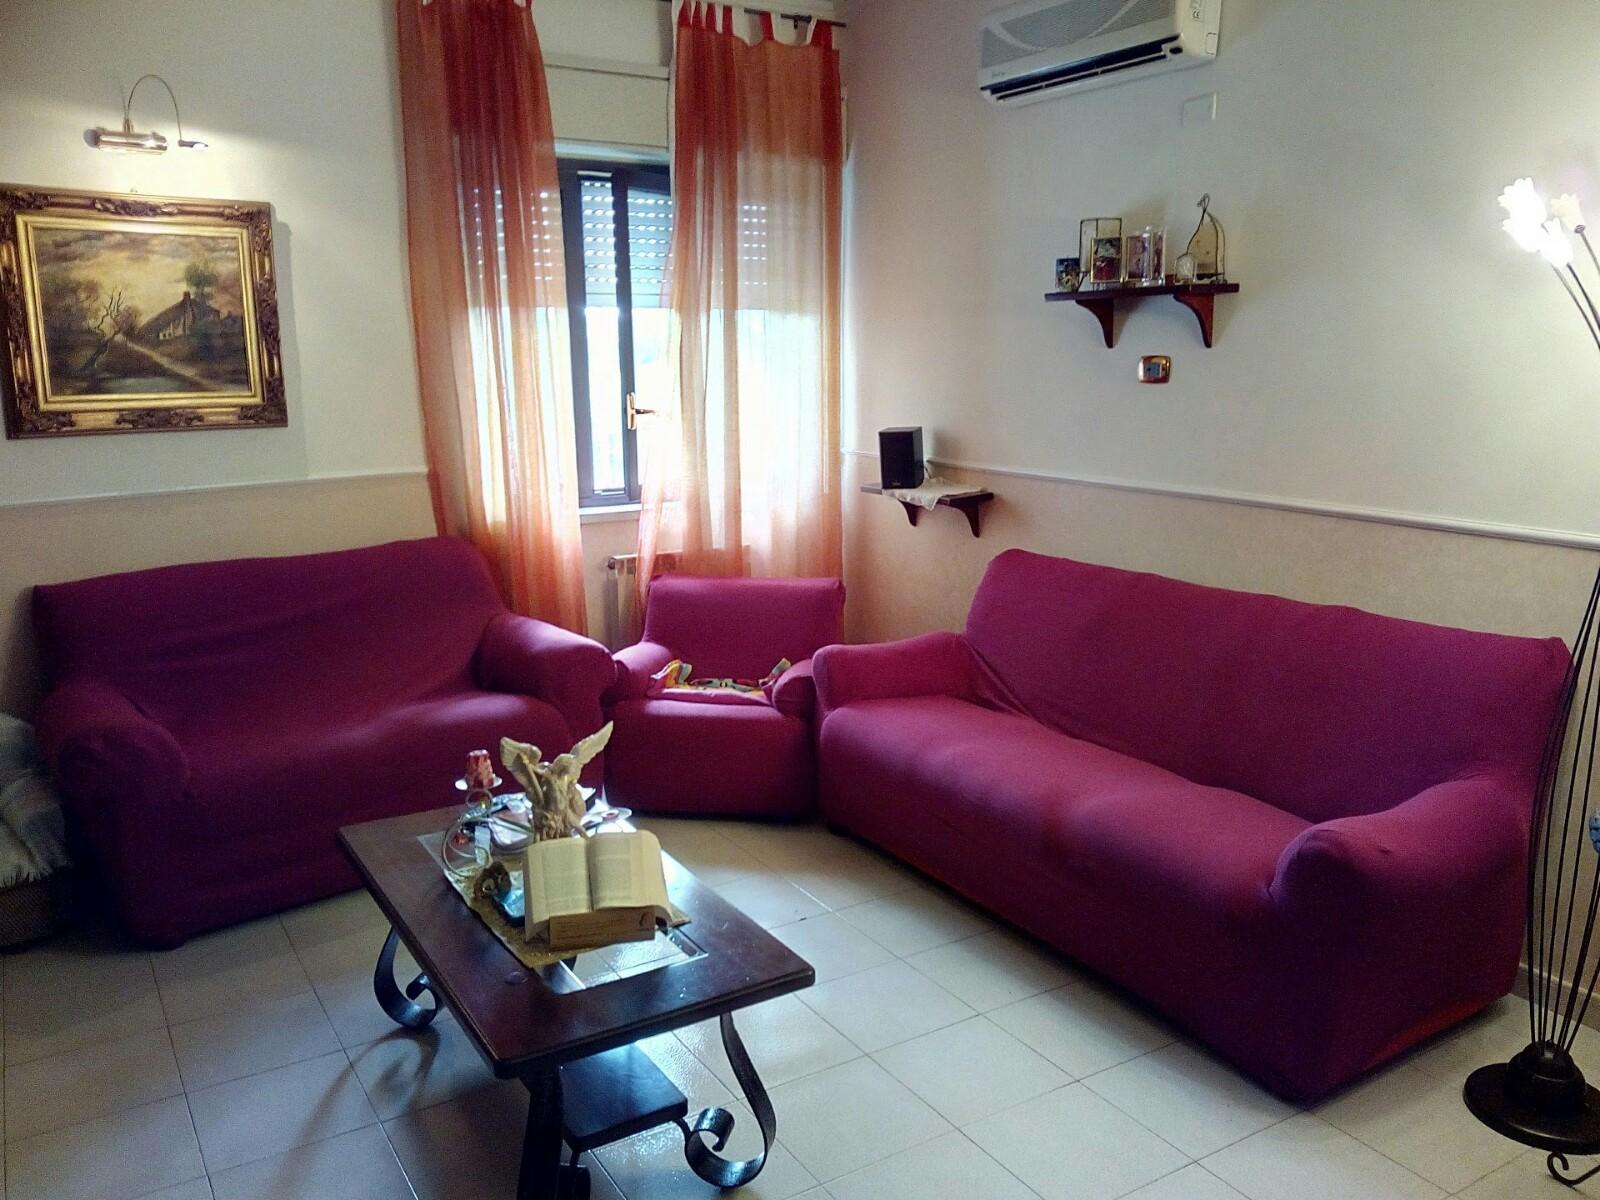 Appartamento 5 vani e 1/2 in piccolo condominio 120 mq